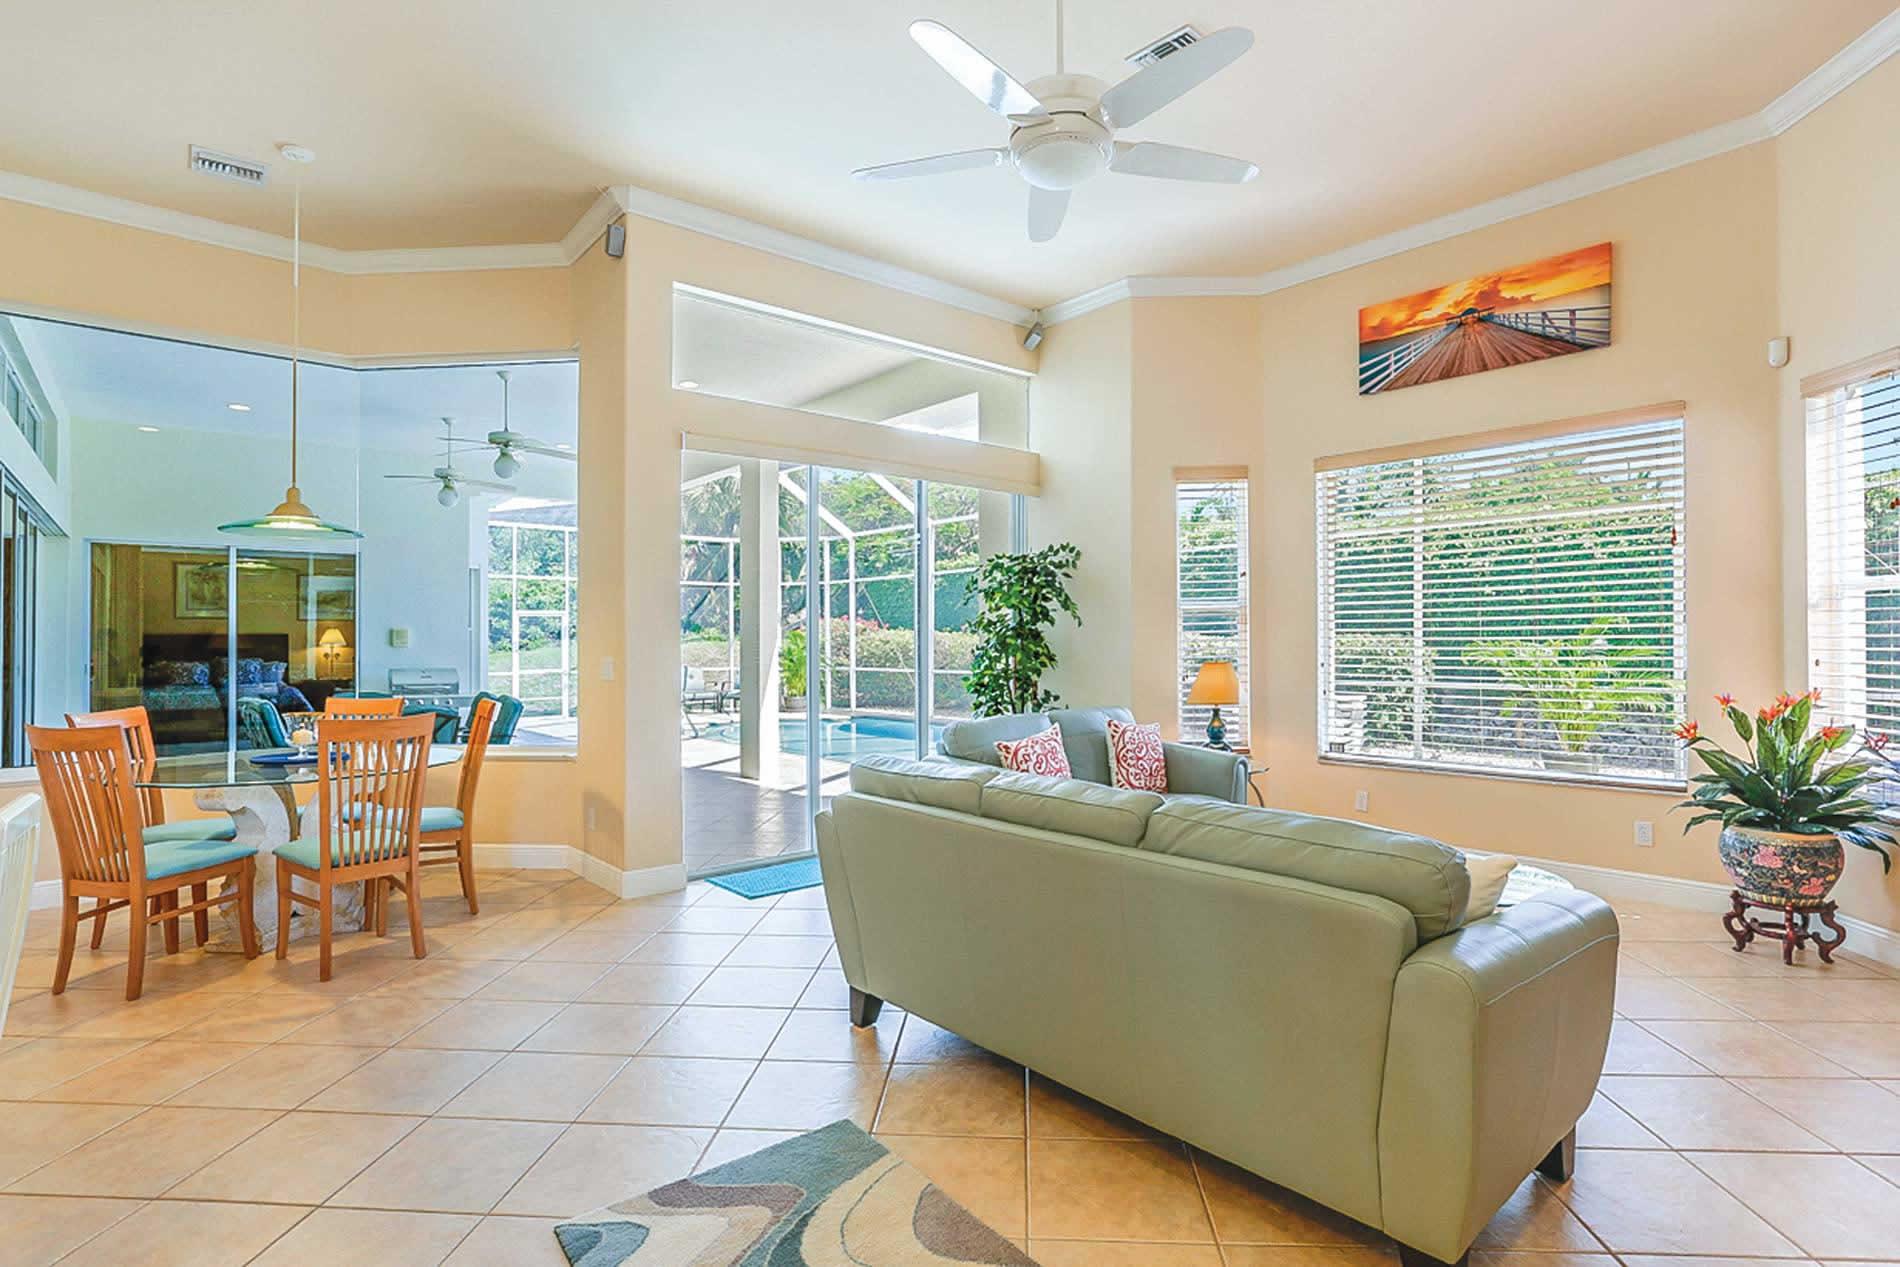 Villa Palm Breeze in Featured - sleeps 8 people